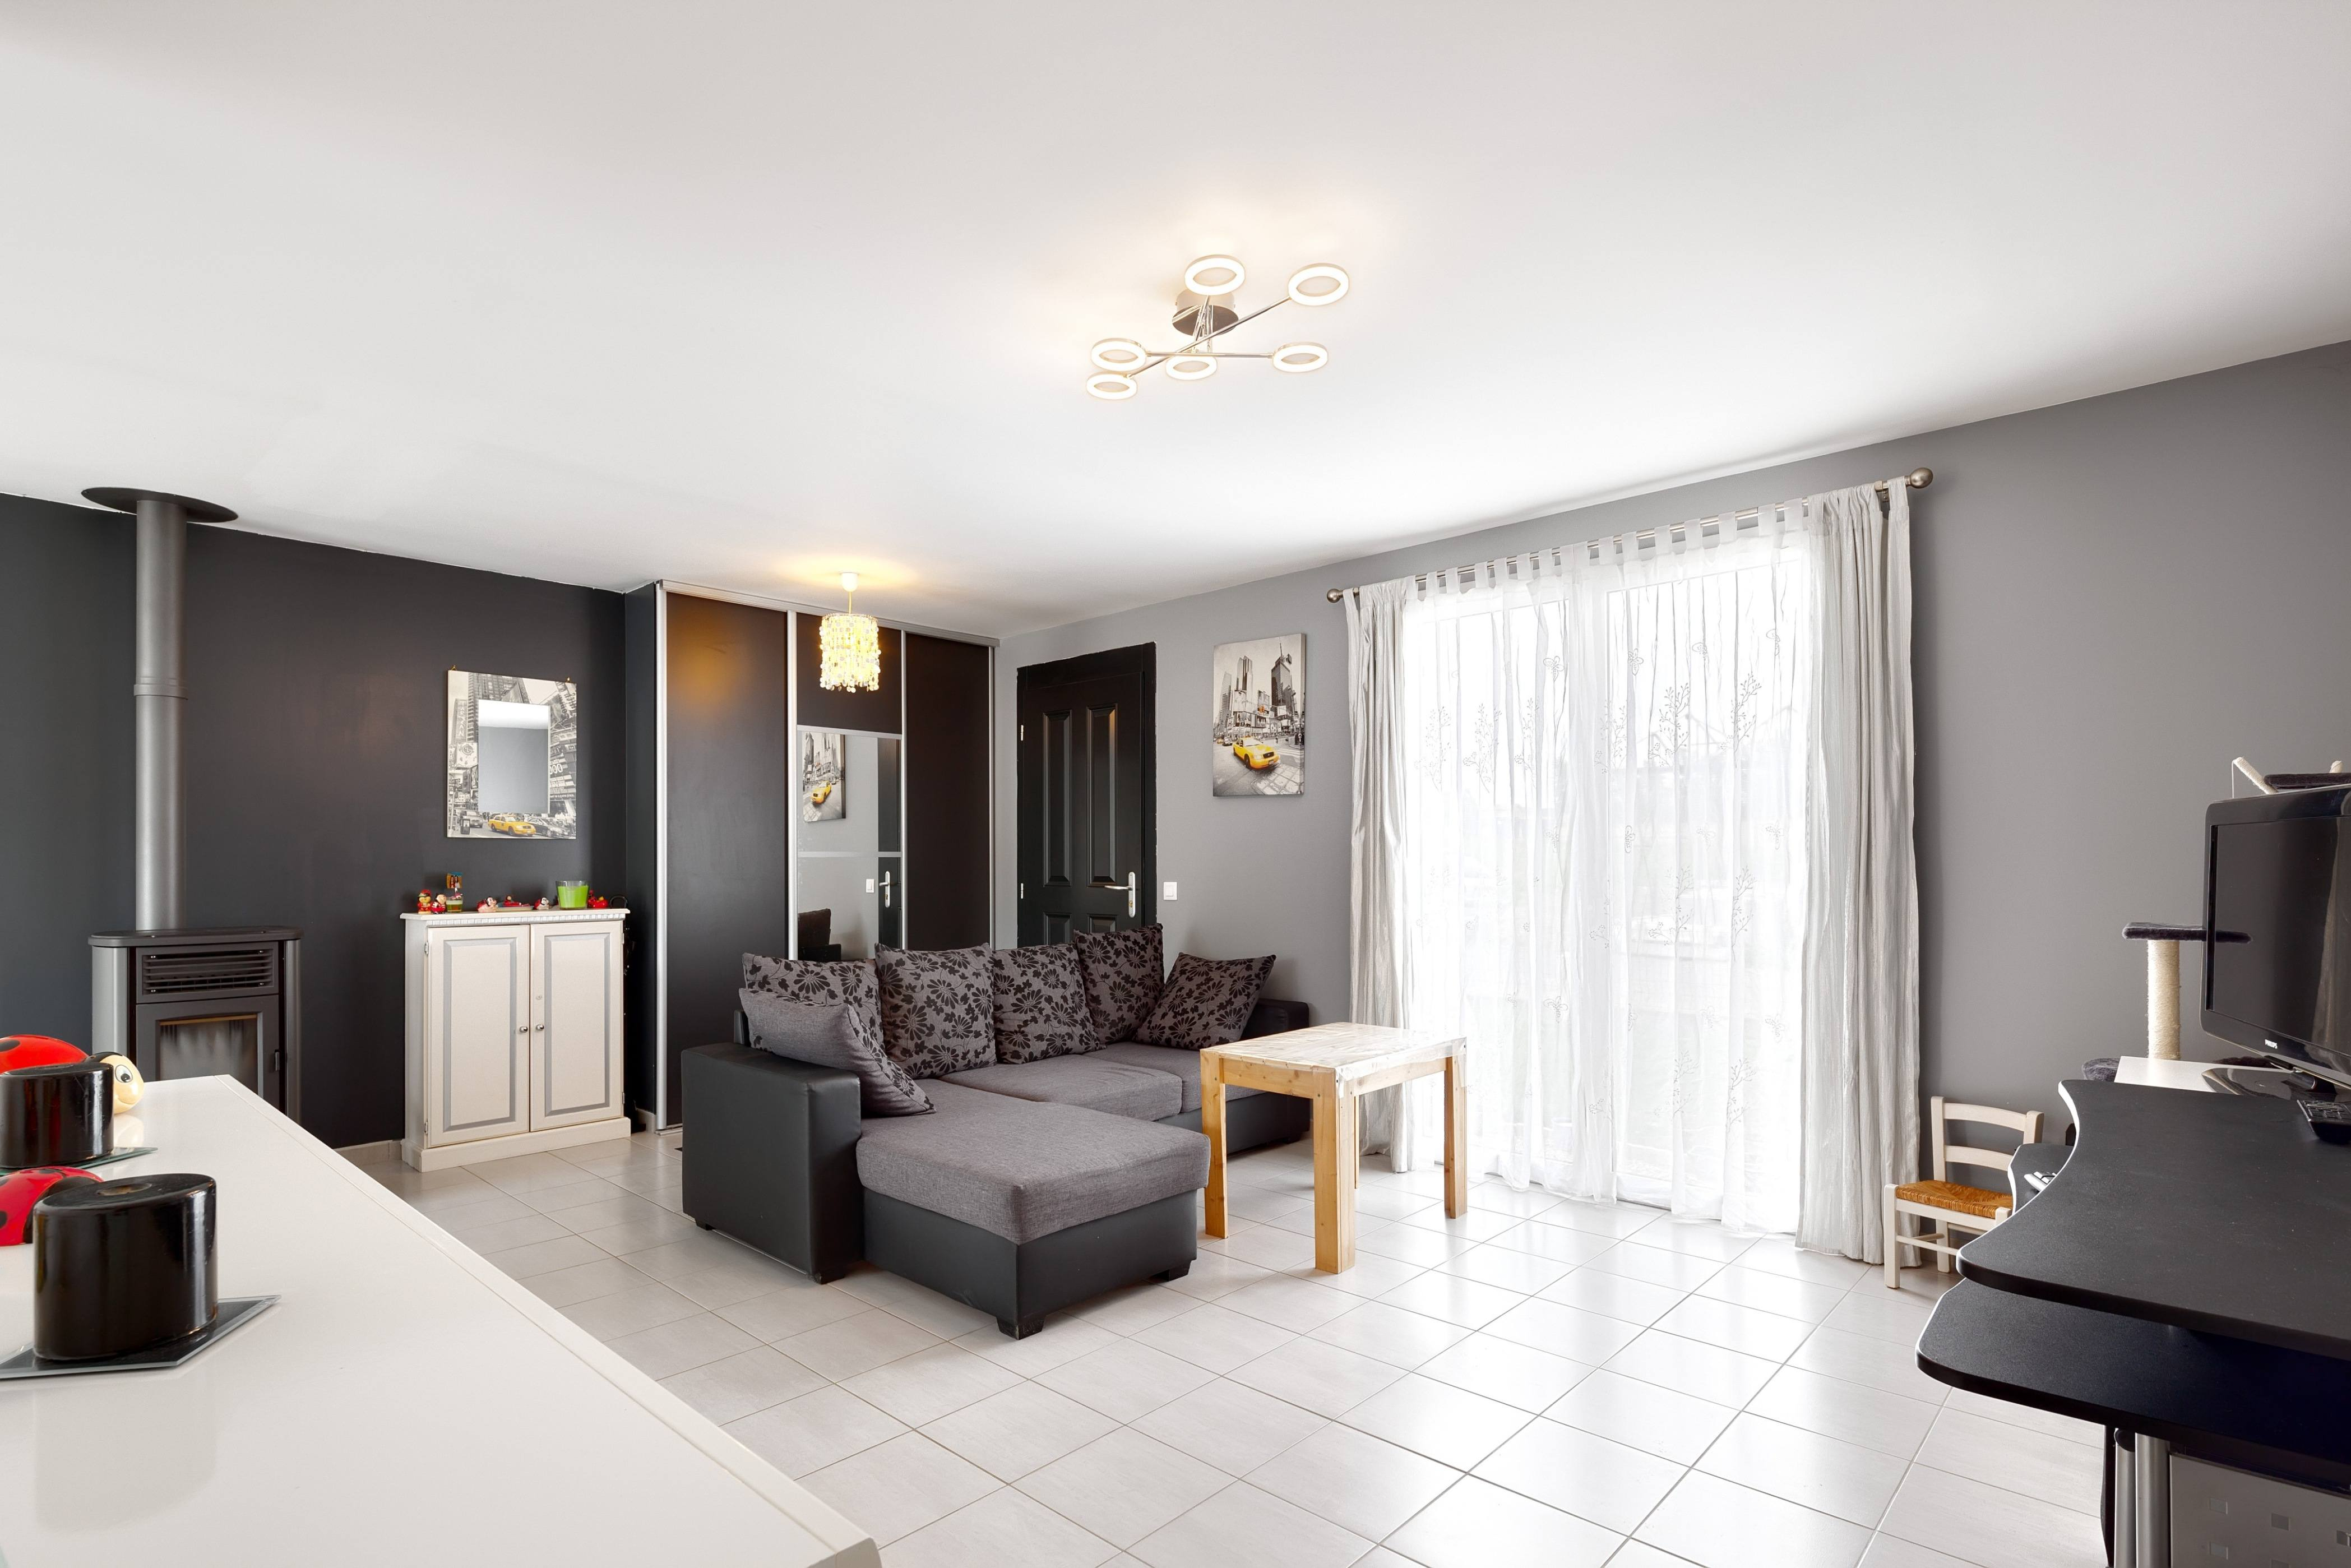 Maisons + Terrains du constructeur Maisons Phénix Le Mans • 110 m² • MANSIGNE